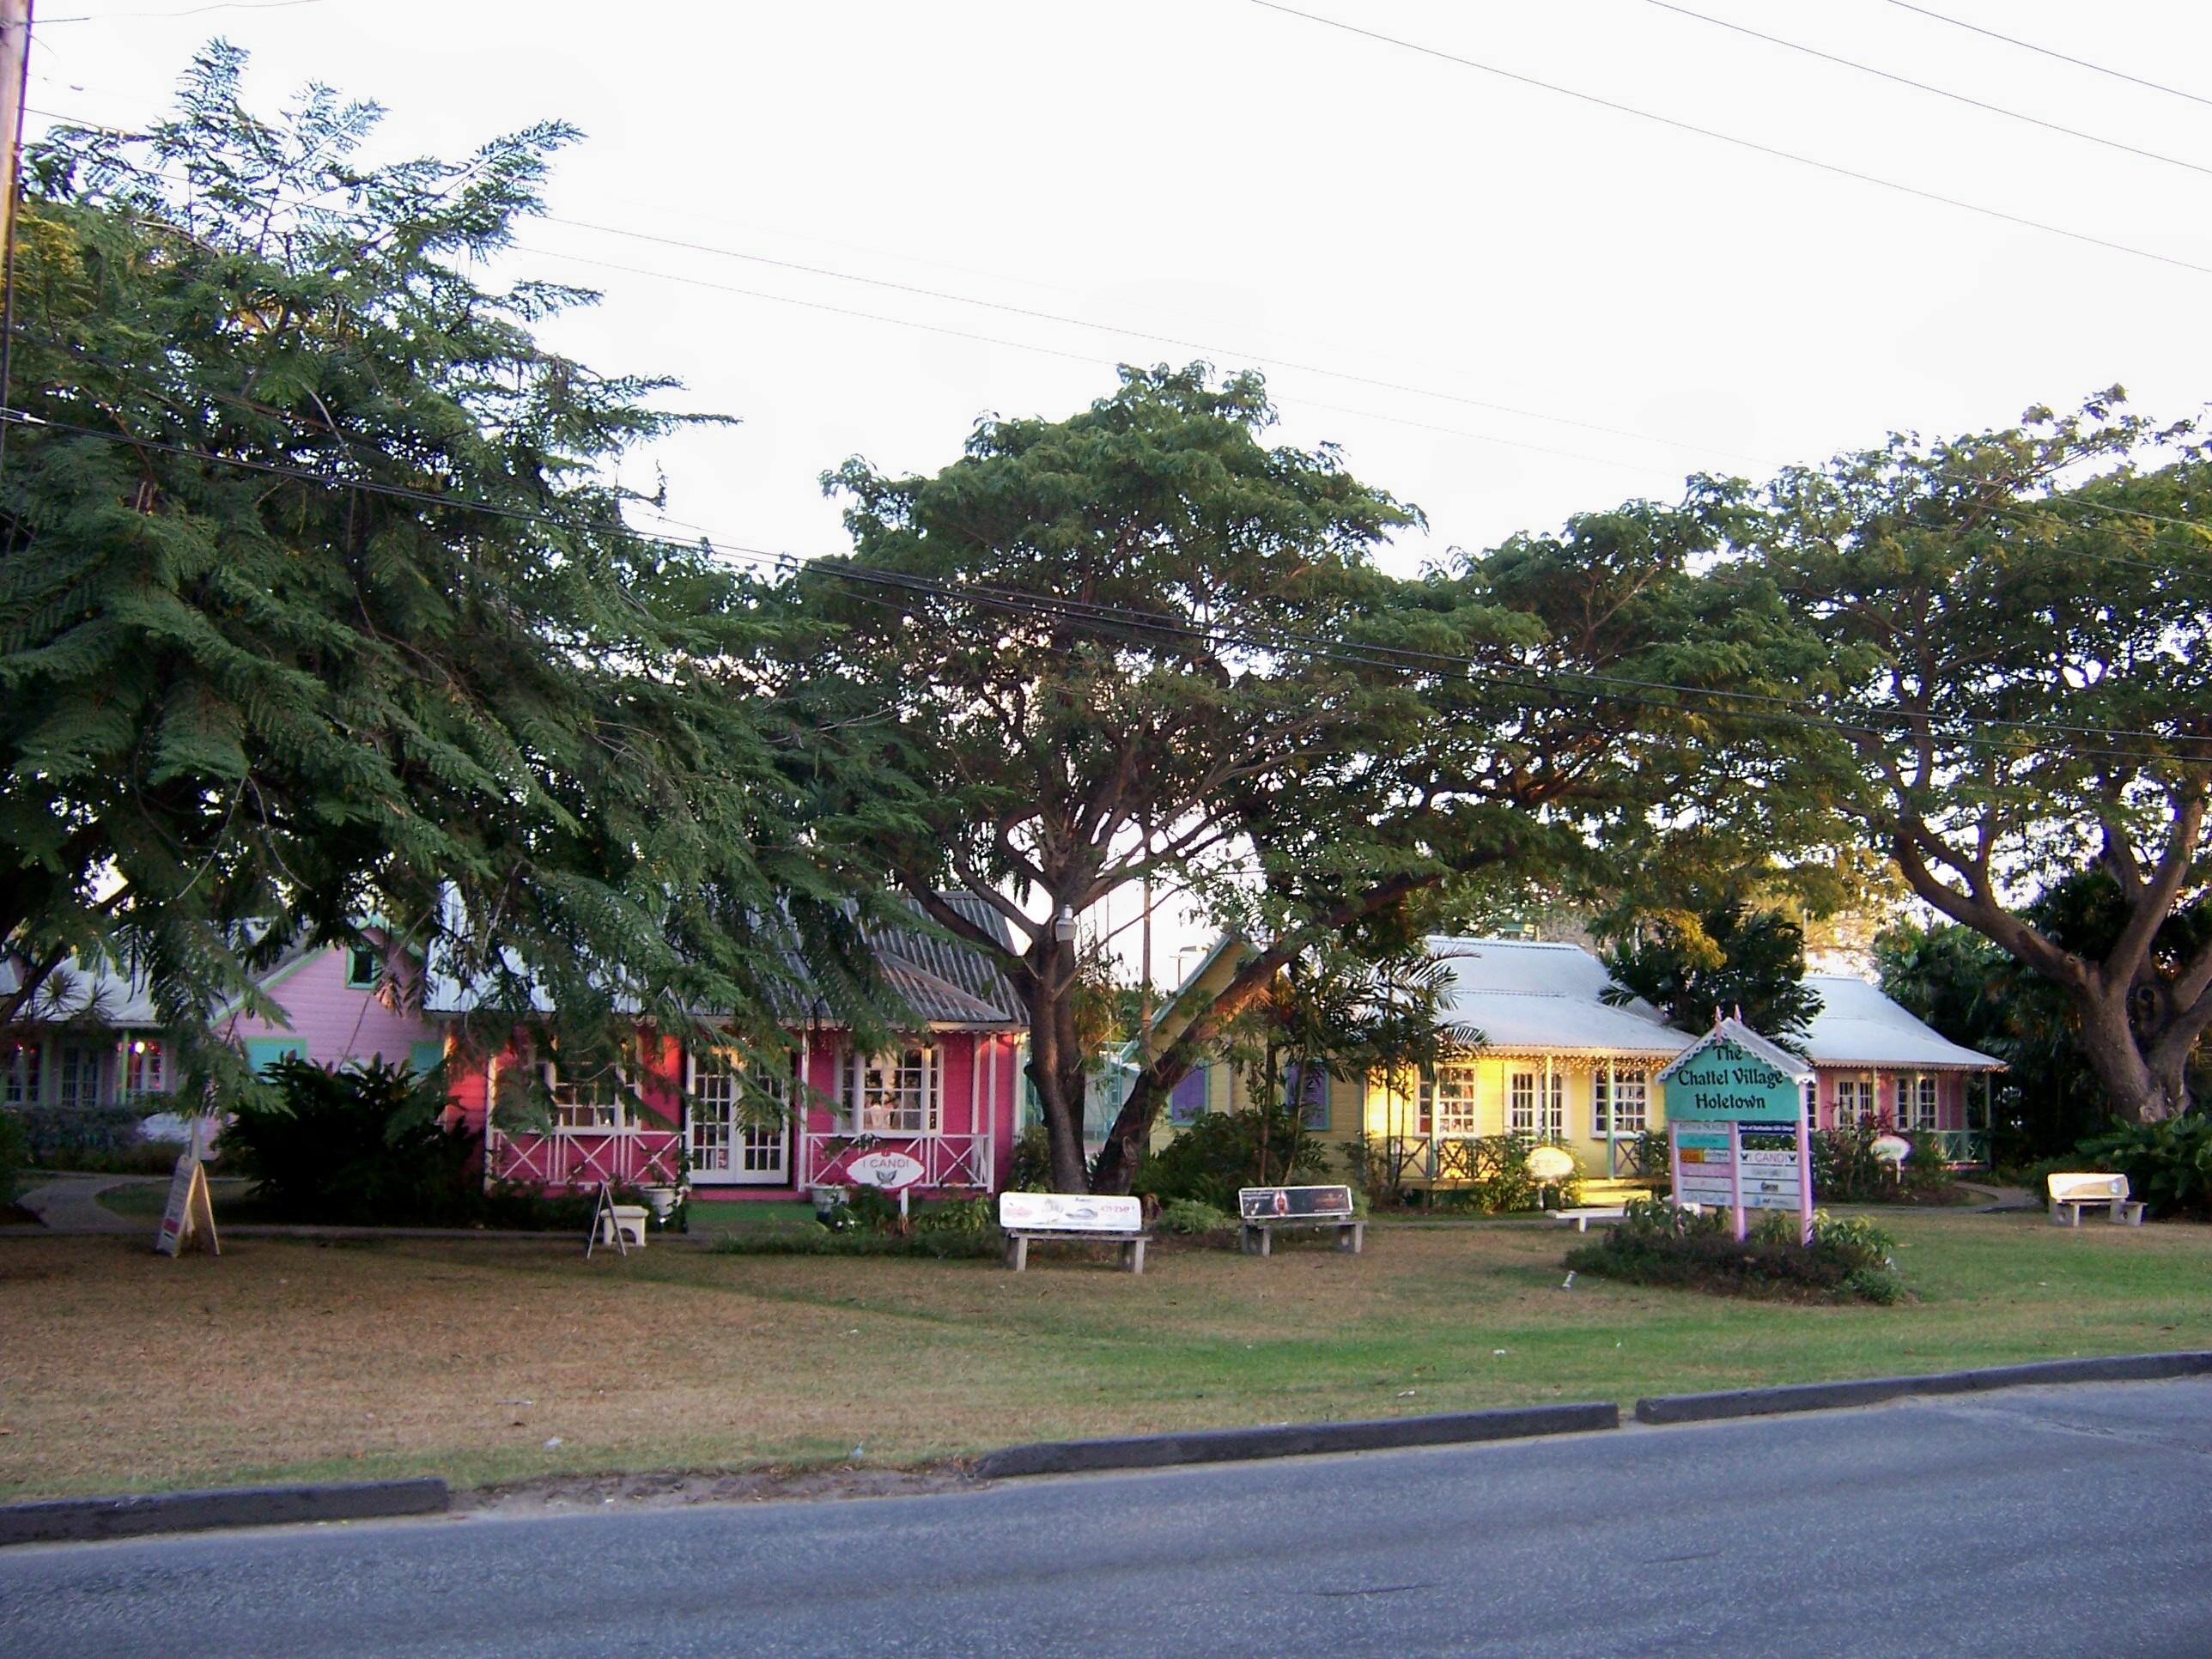 Chattel Village 2